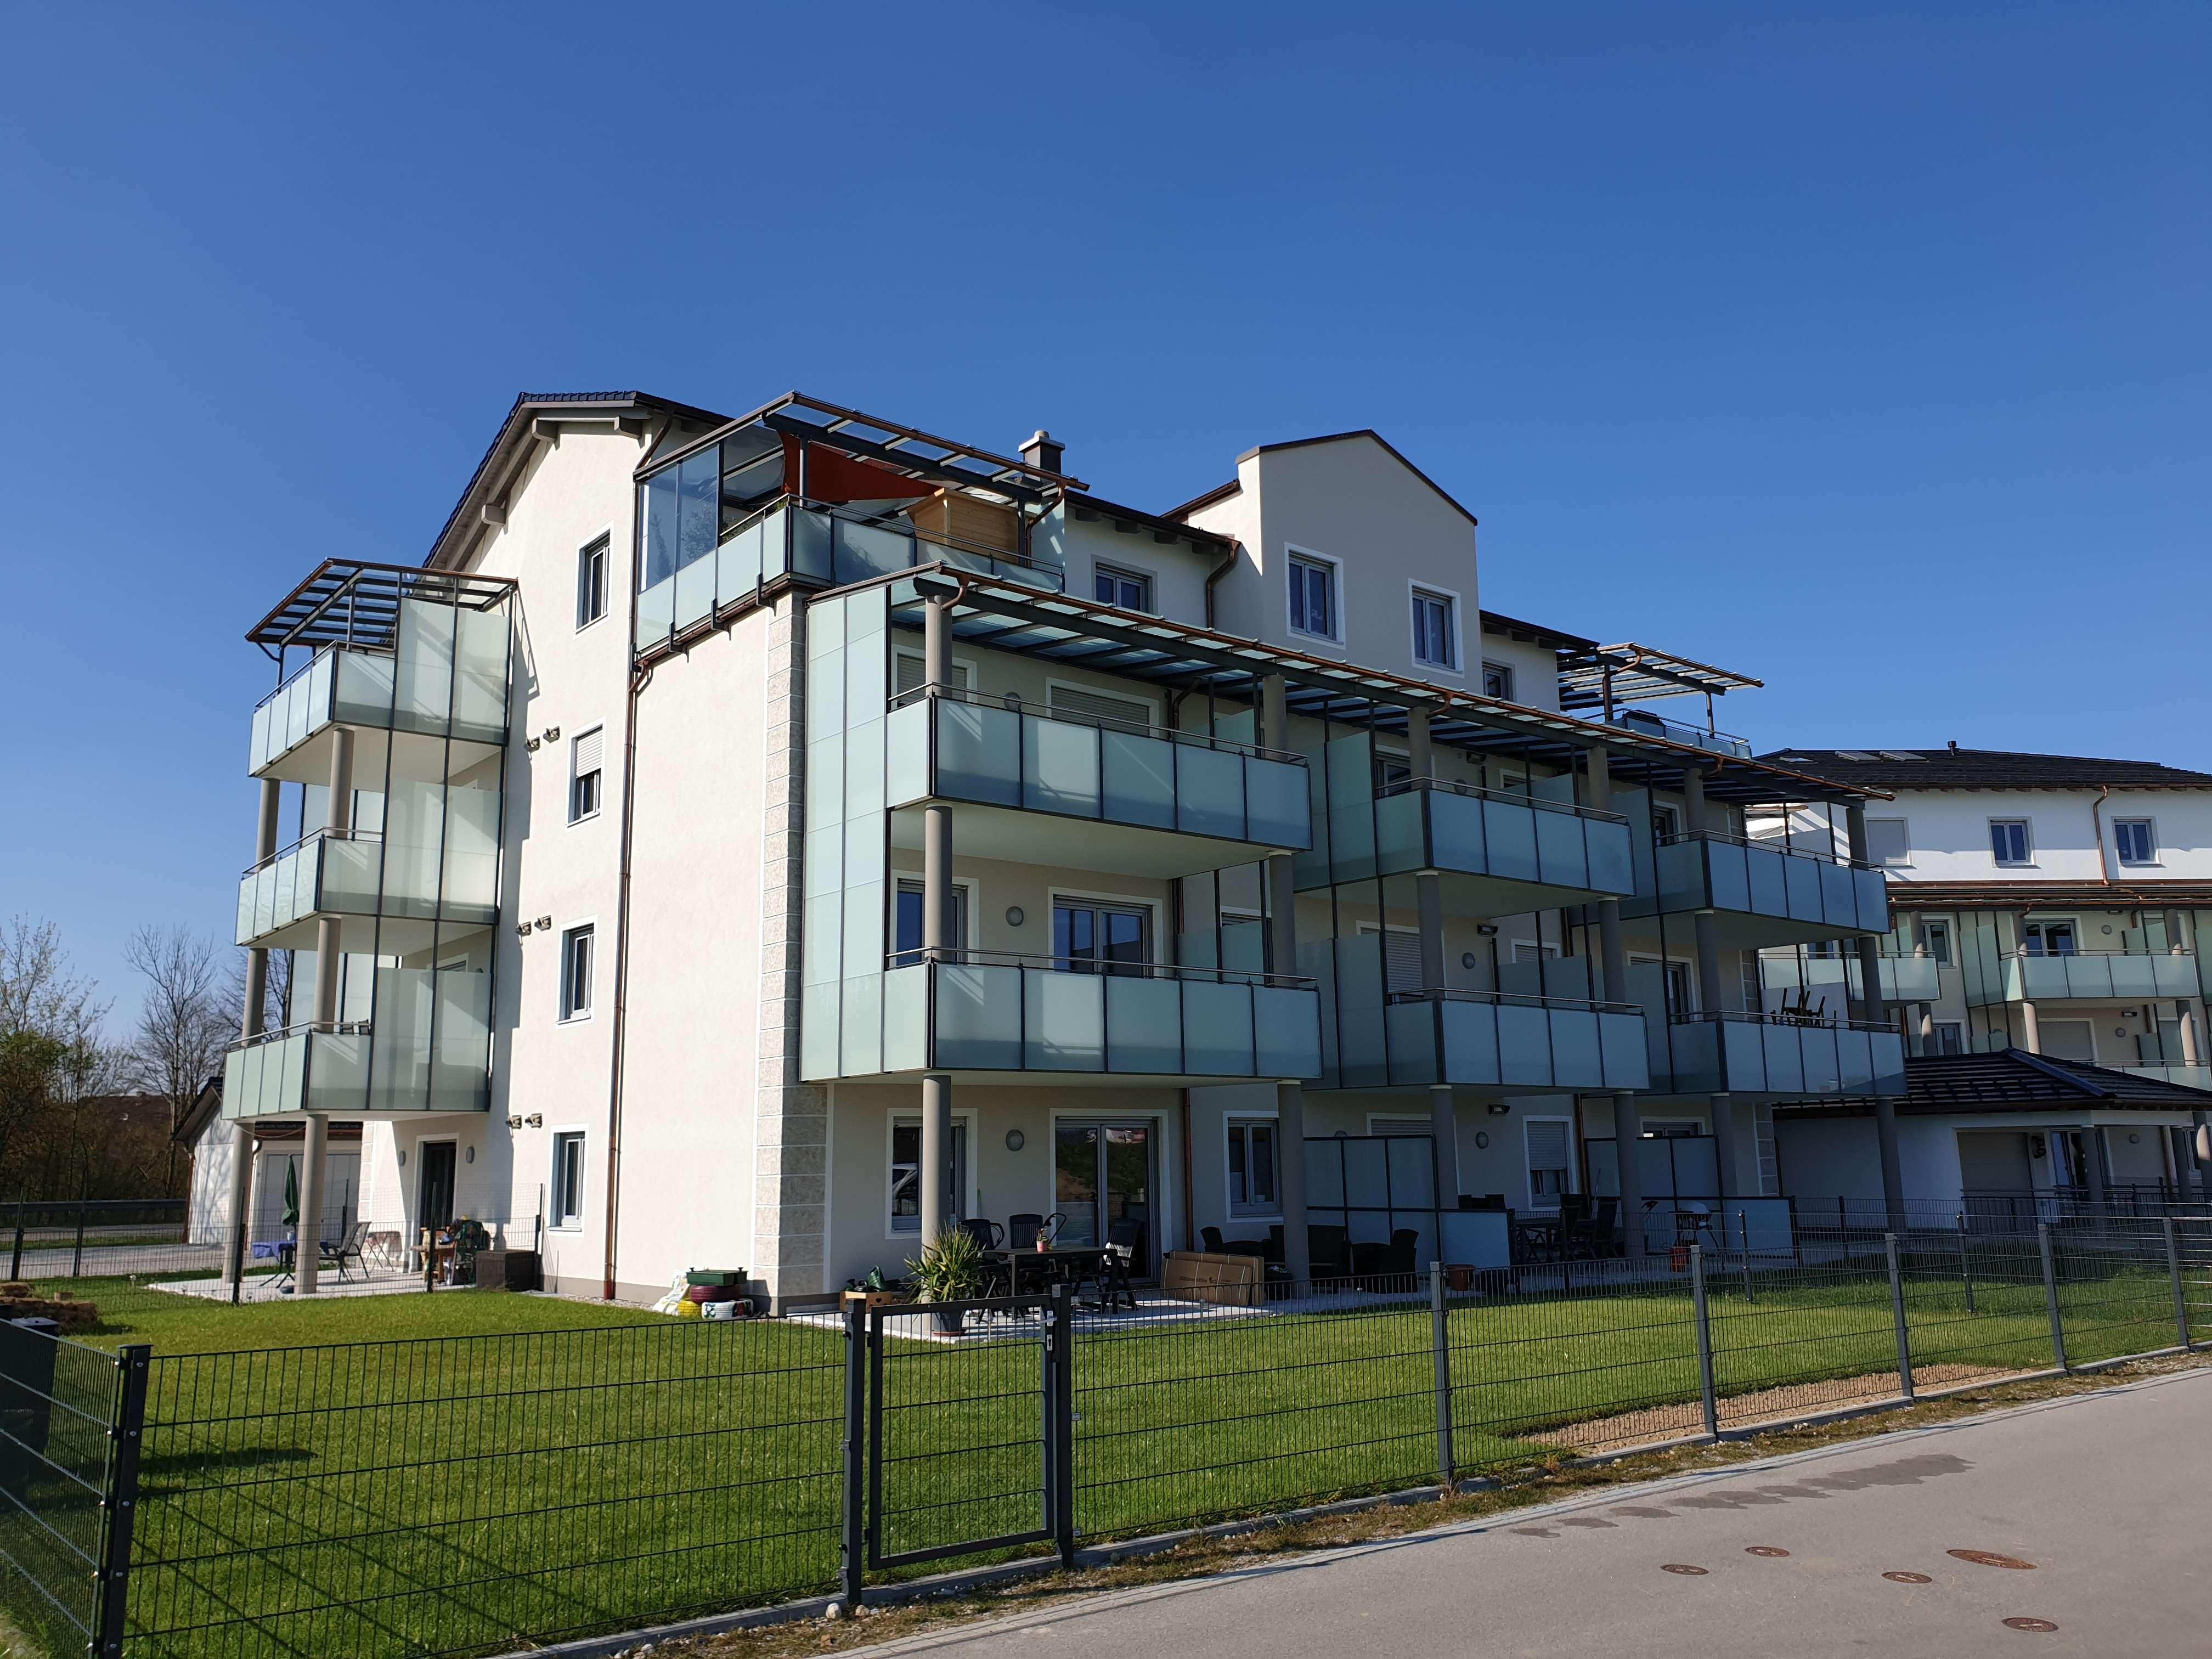 Gehobene 3-Zimmer-Neubau-Wohnung, ERSTBEZUG, sehr großer Balkon